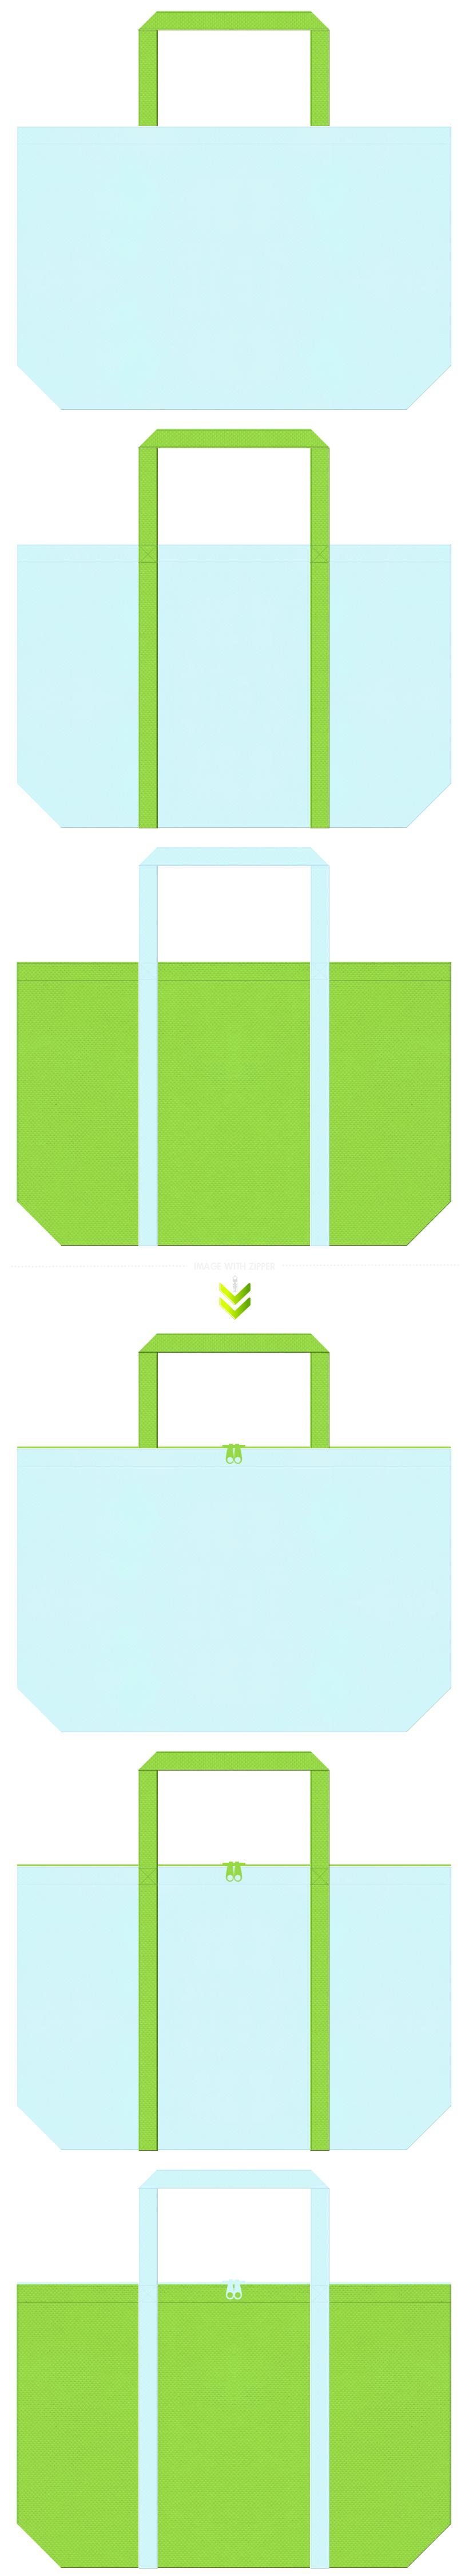 ロールプレイングゲーム・潤い・ナチュラル・芝生・スプリンクラー・噴水・エクステリア・水と環境・水資源・環境イベント・水草・ビオトープ・水田・稲・野菜工場・水耕栽培・水耕野菜のエコバッグノベルティにお奨め不織布バッグデザイン:水色と黄緑色のコーデ